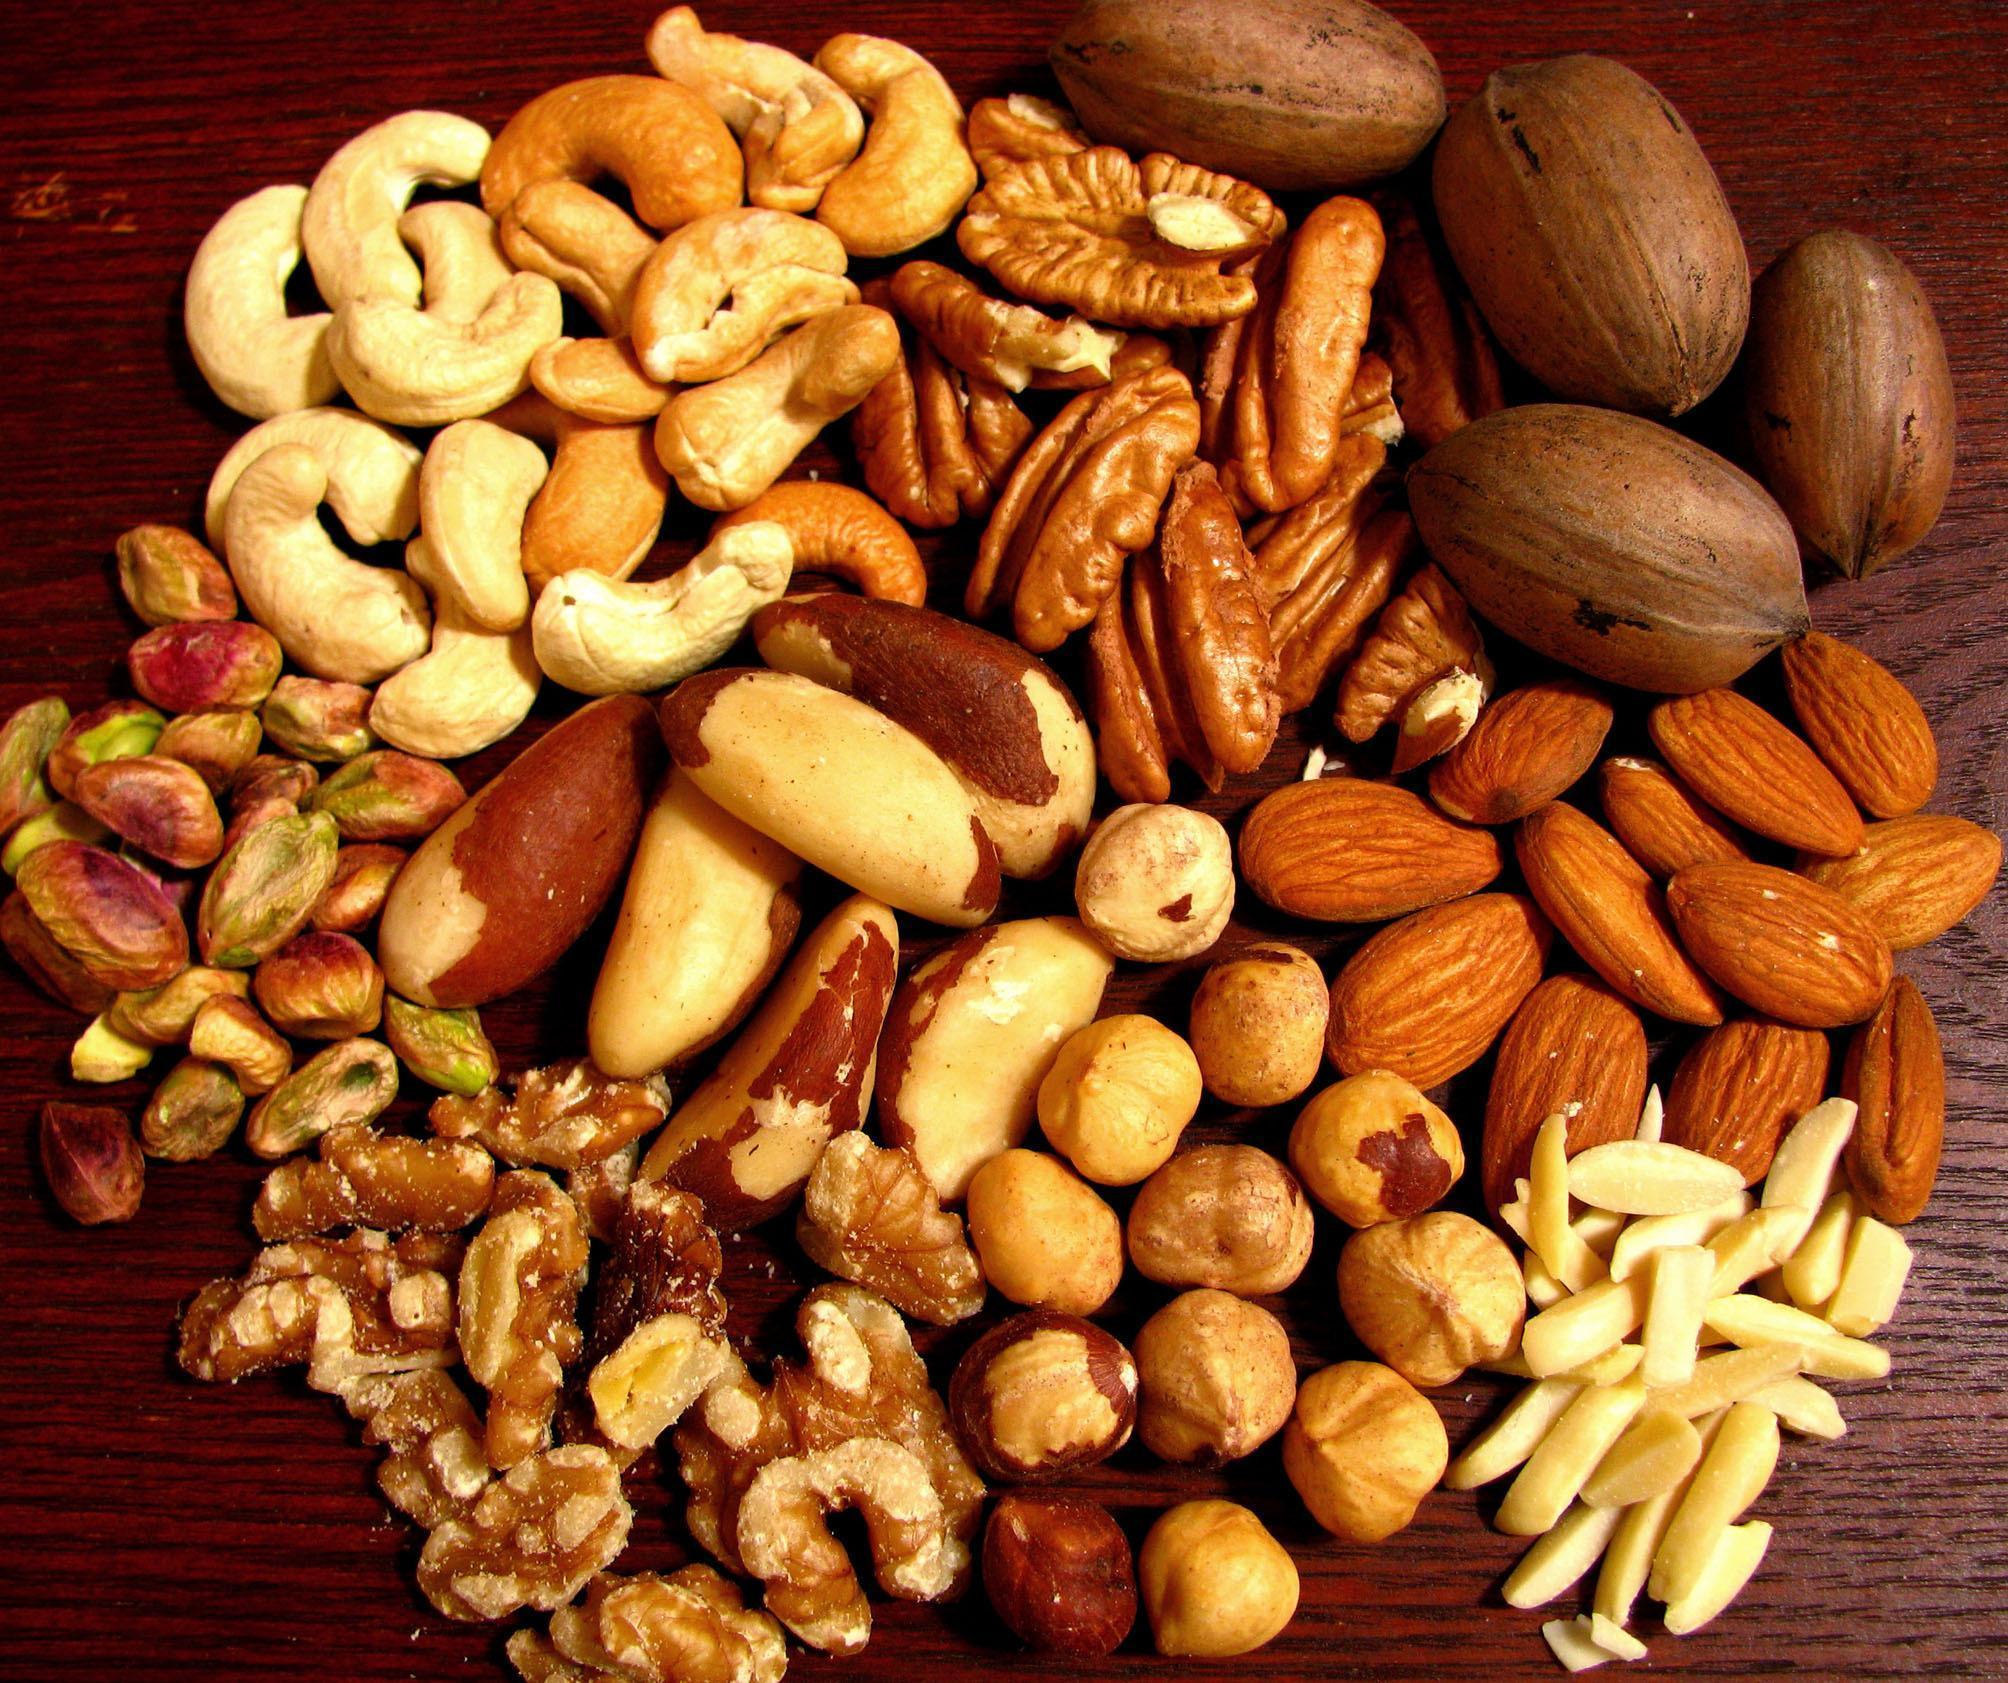 Selênio: Alimentos Ricos em Selênio